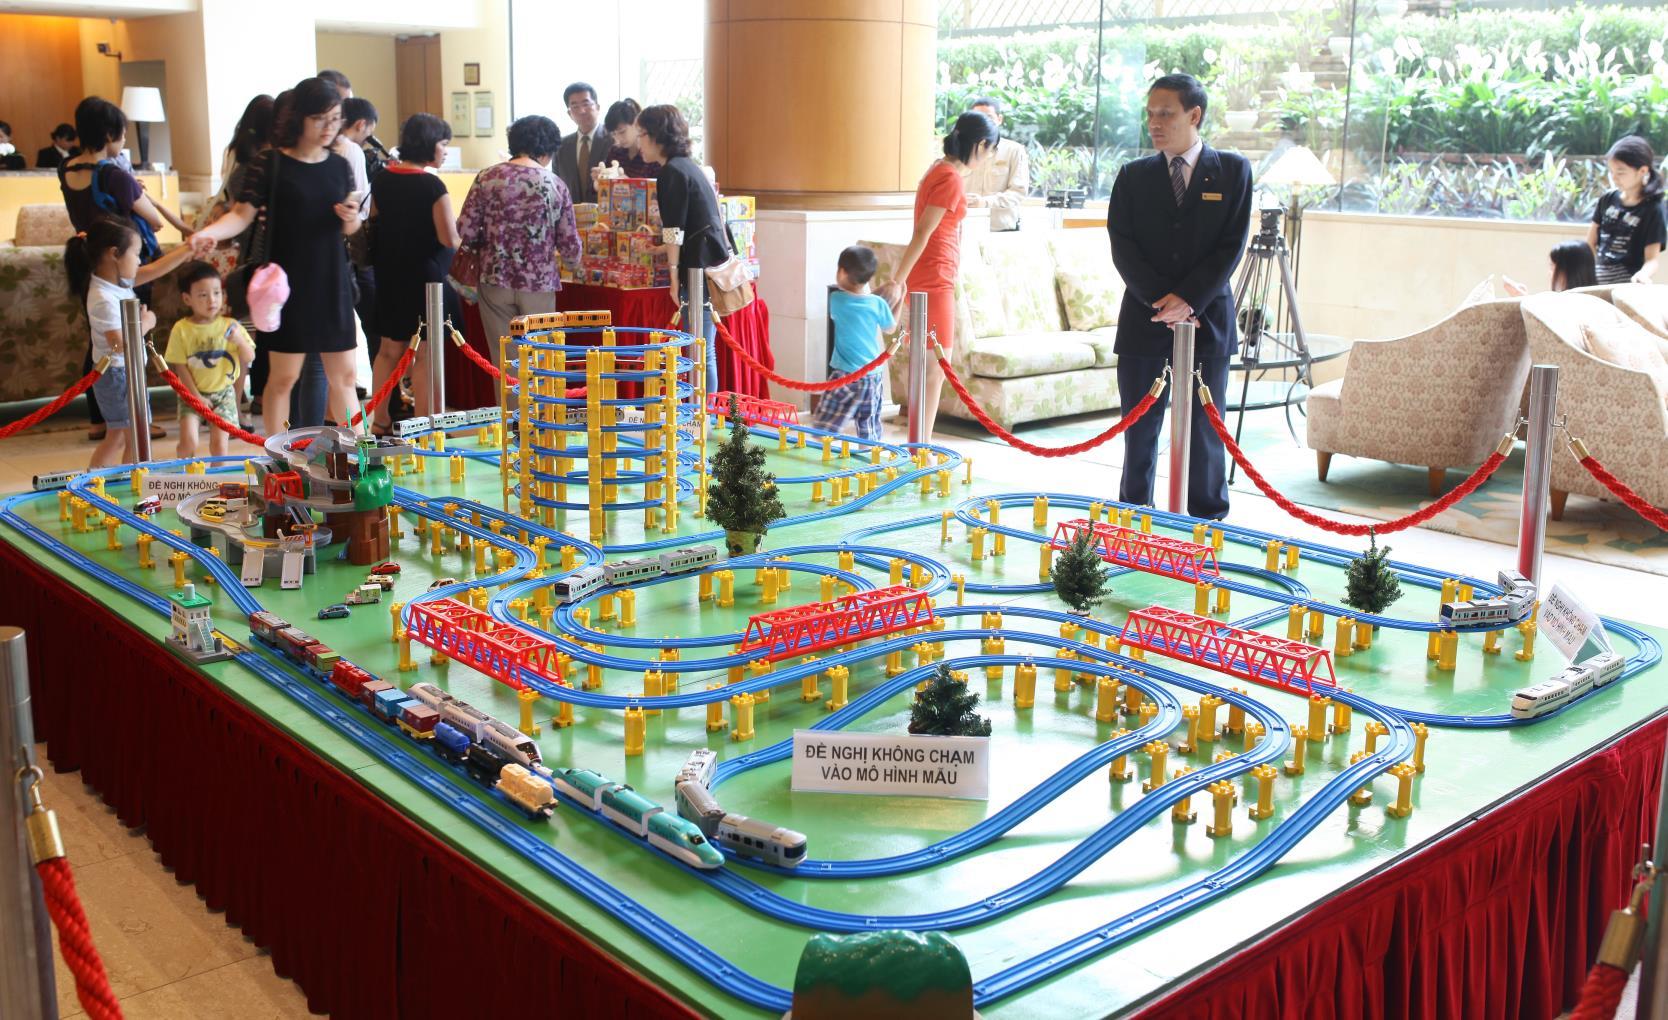 Kid's Kingdom, Hitomi, Đồ chơi Nhật Bản, Đồ chơi an toàn, Đồ chơi thông minh, Đồ chơi cho bé, mô hình tàu hỏa, Takara Tomy, Nikko, Nhật Bản, Sự kiện